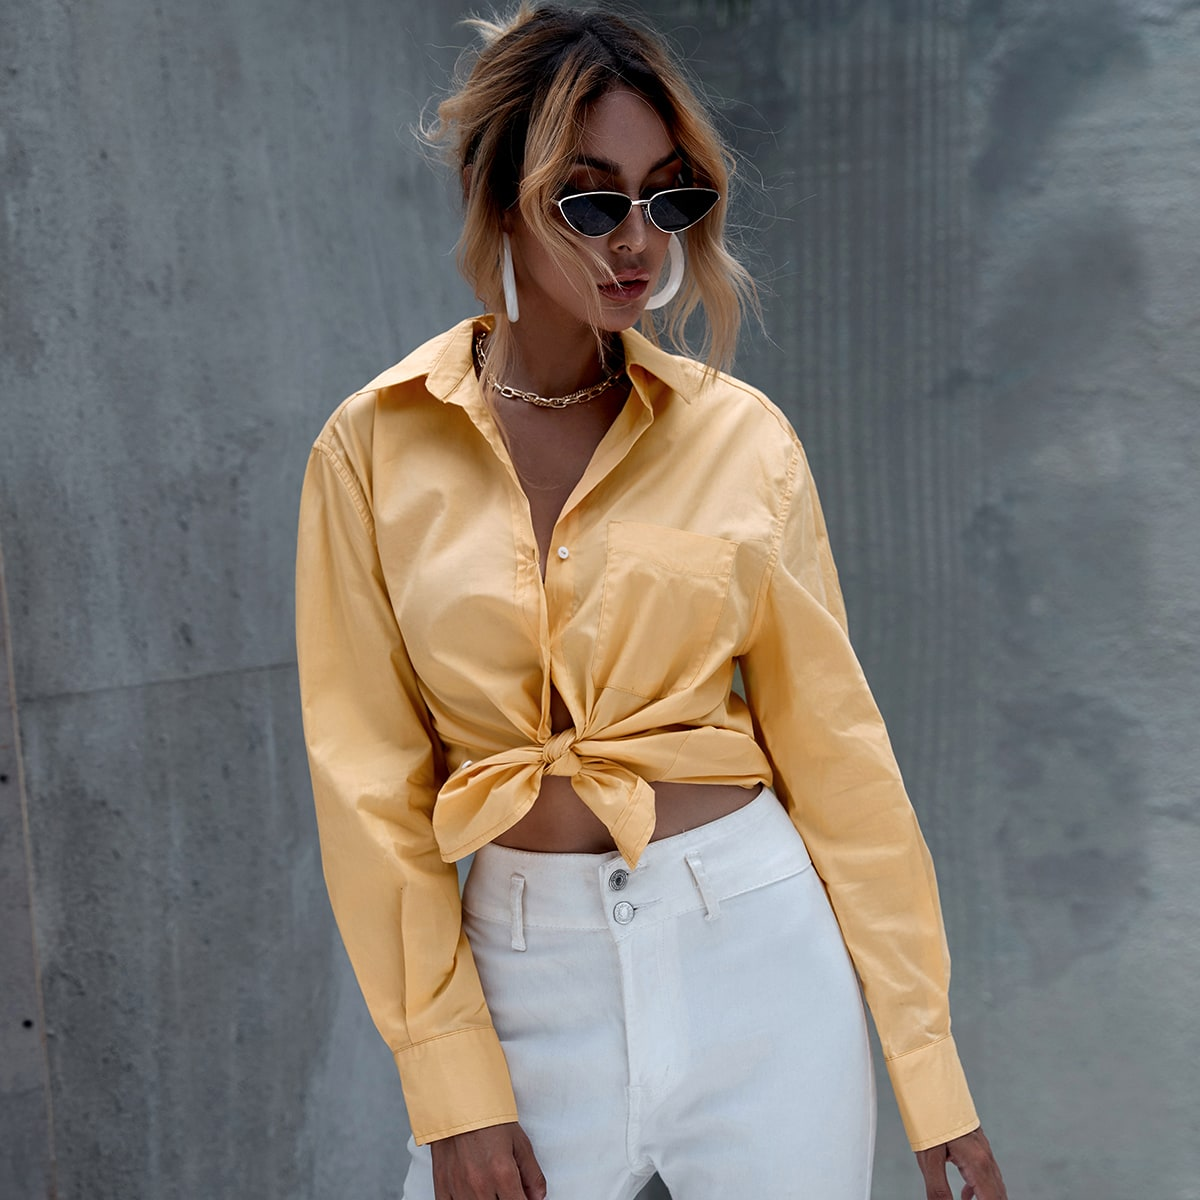 Желтый Карман Одноцветный Повседневный Блузы фото